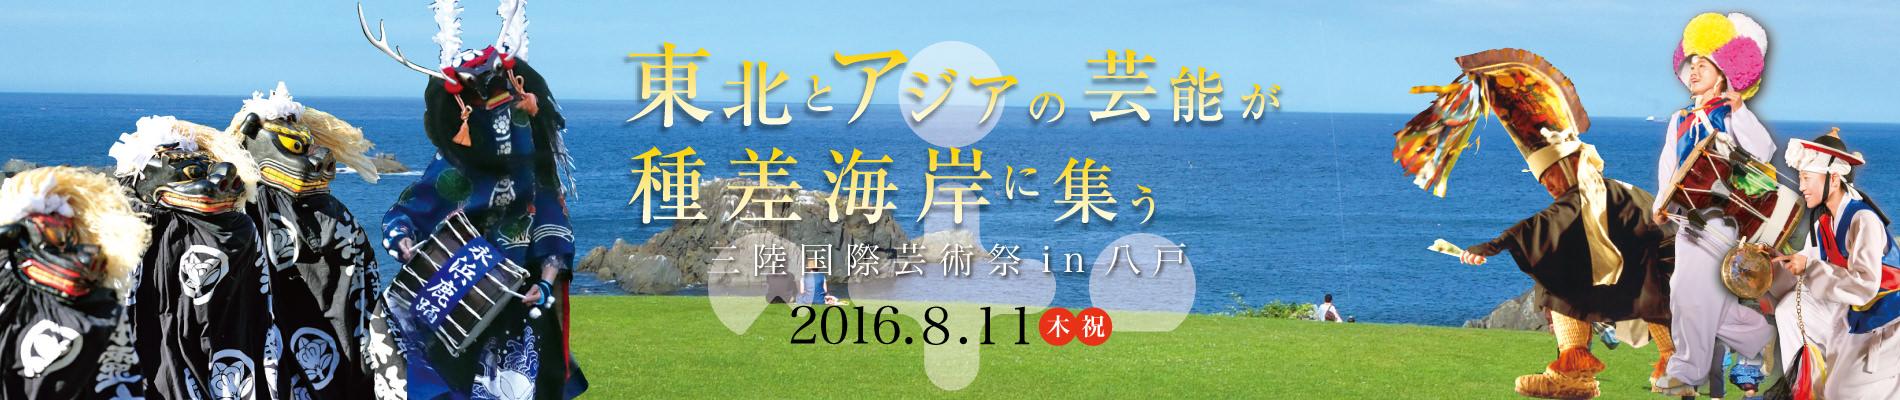 三陸国際芸術祭in八戸